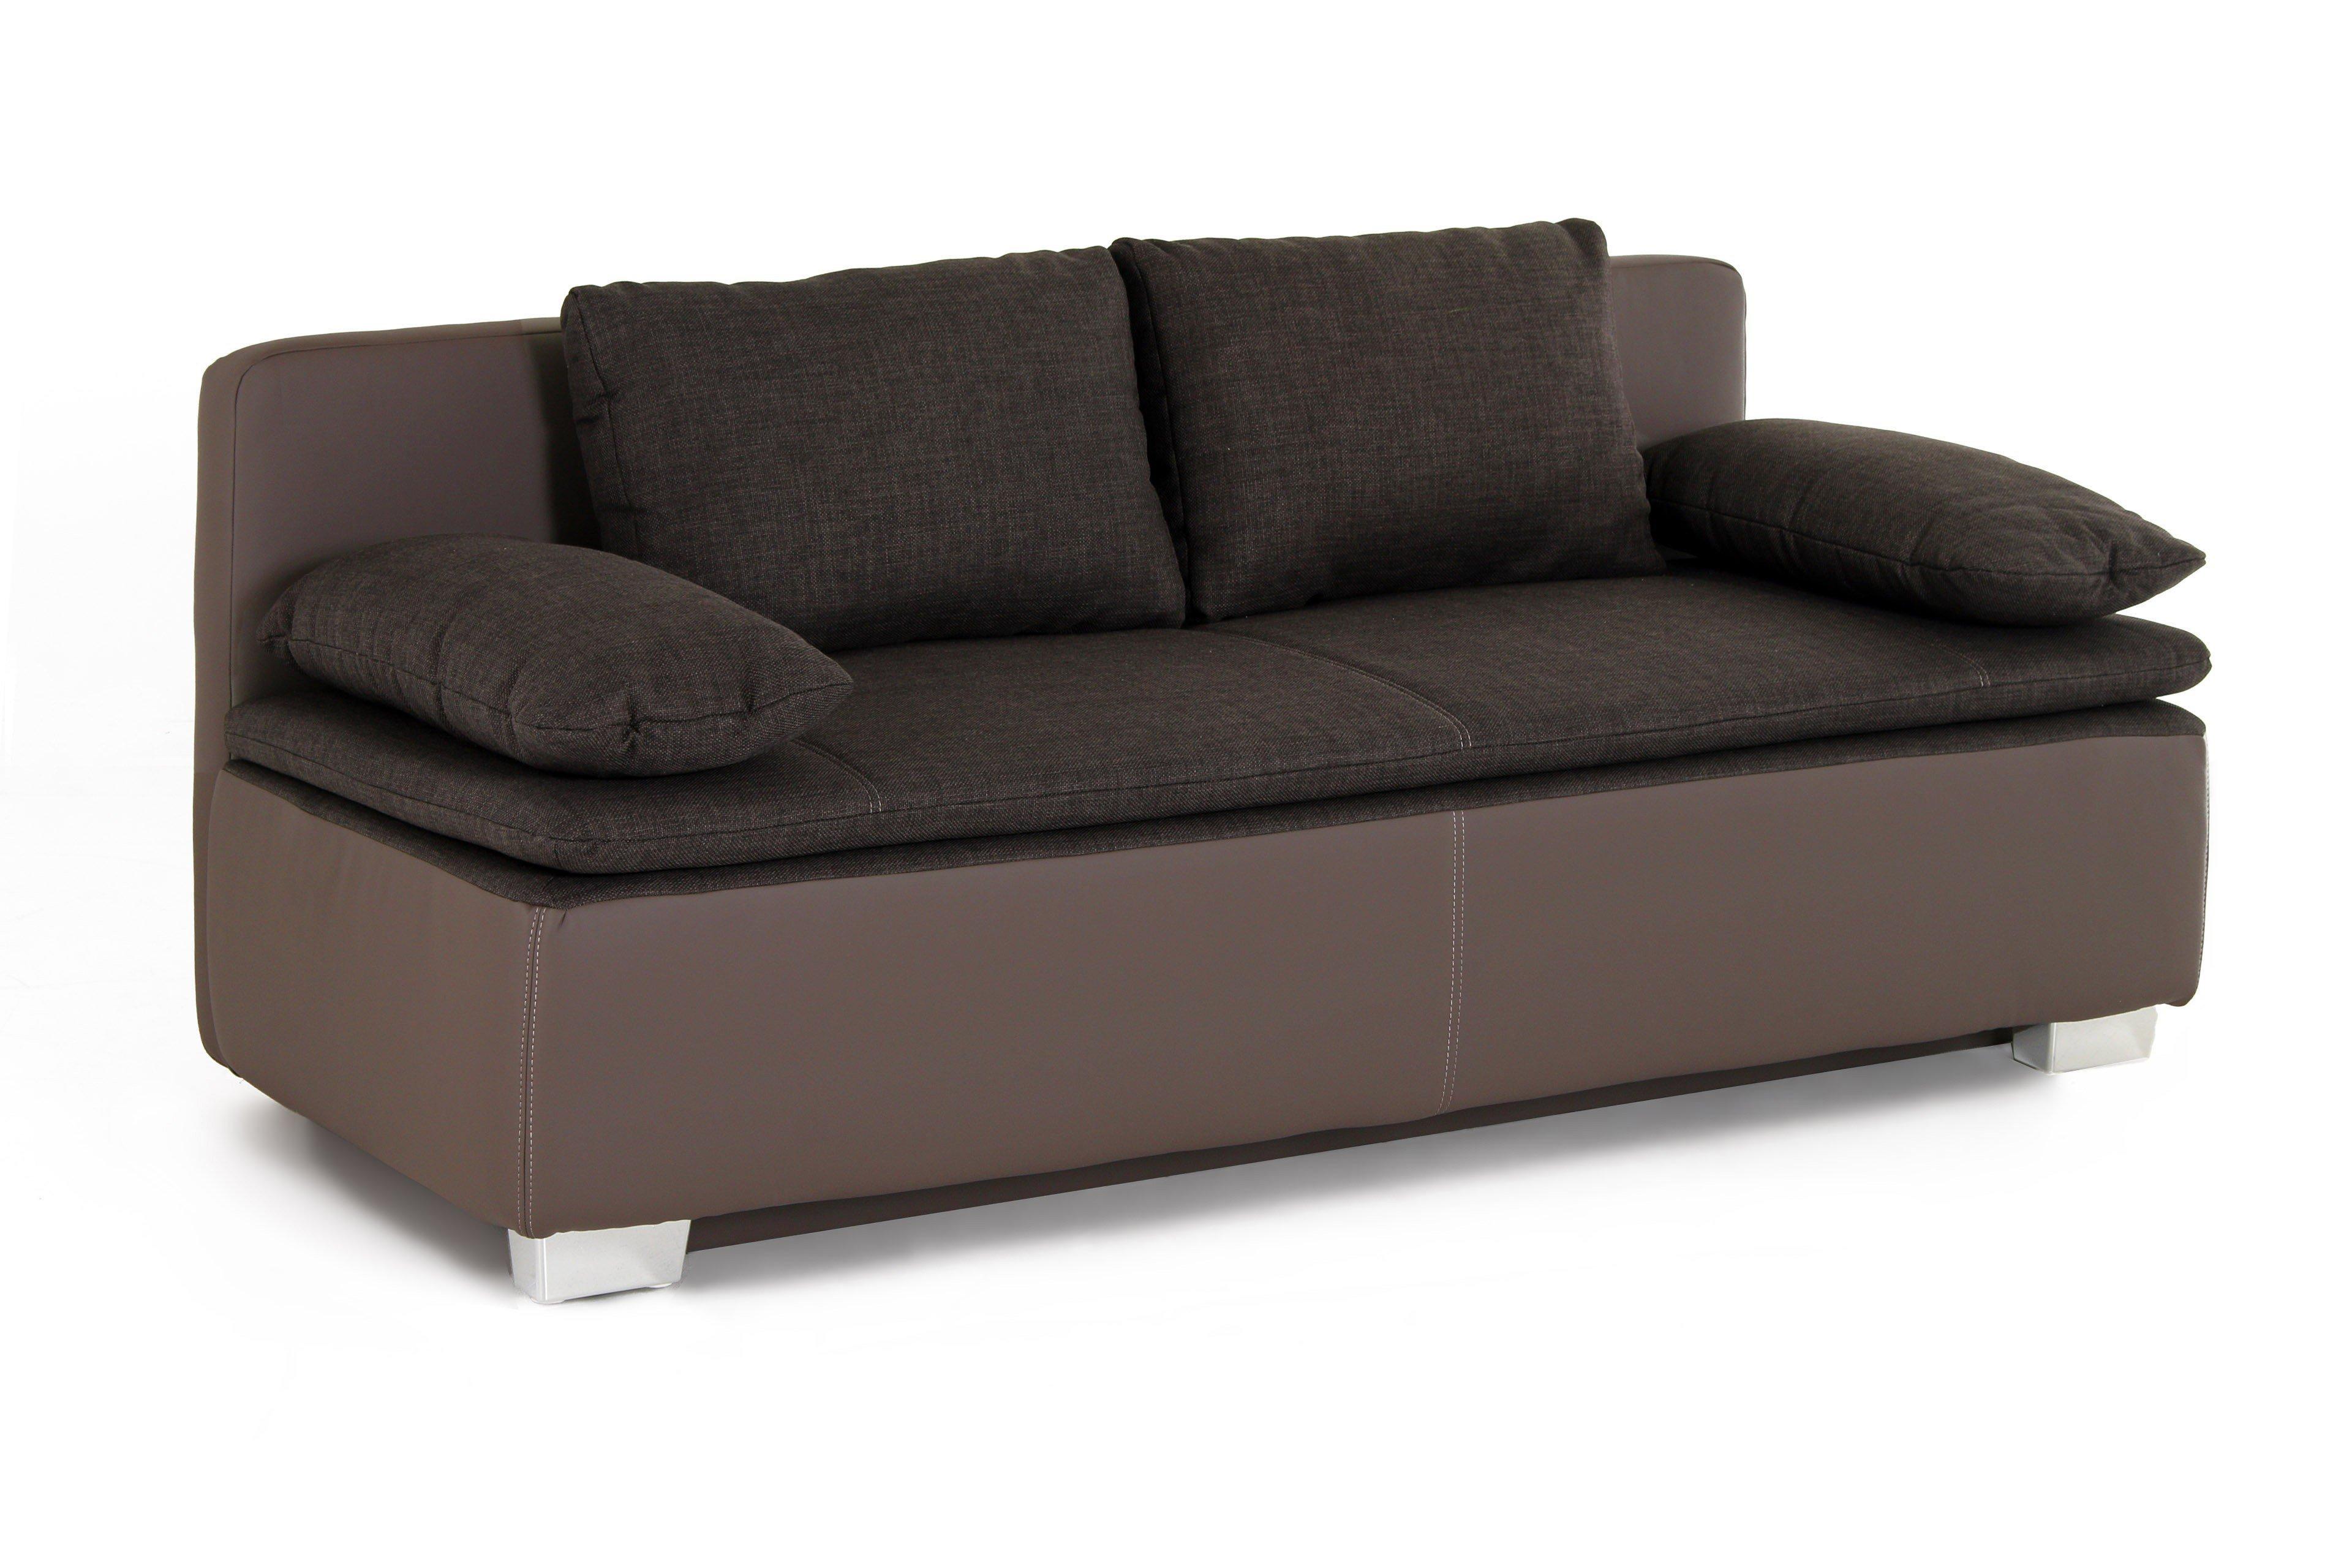 kollektion letz bea schlafsofa braun m bel letz ihr online shop. Black Bedroom Furniture Sets. Home Design Ideas